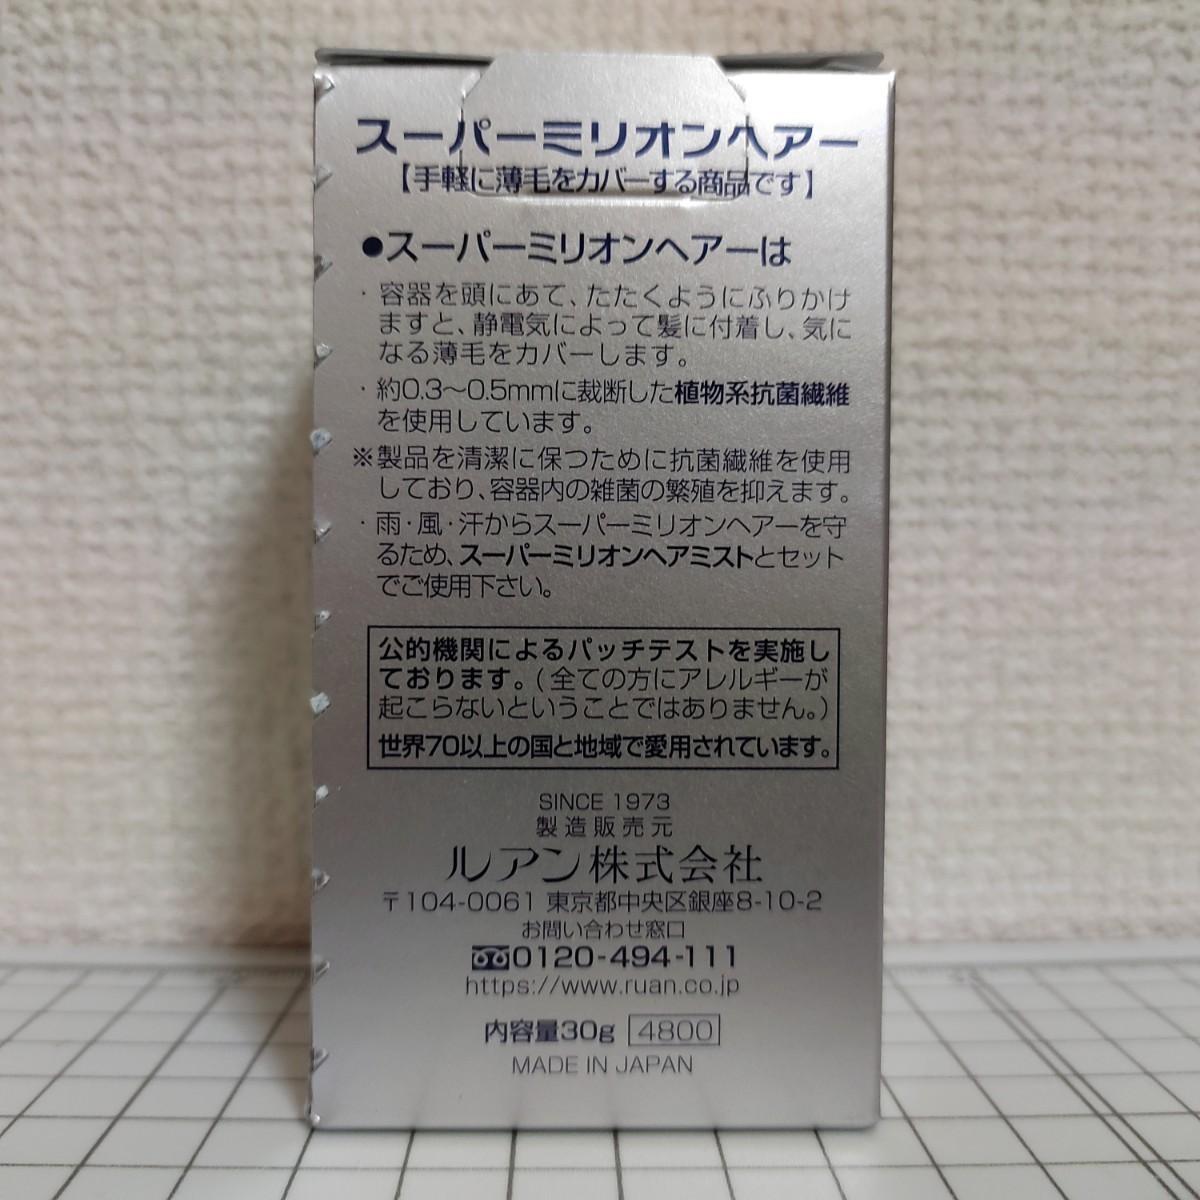 スーパーミリオンヘアー ダークブラウン 30g 5箱 新品・未開封